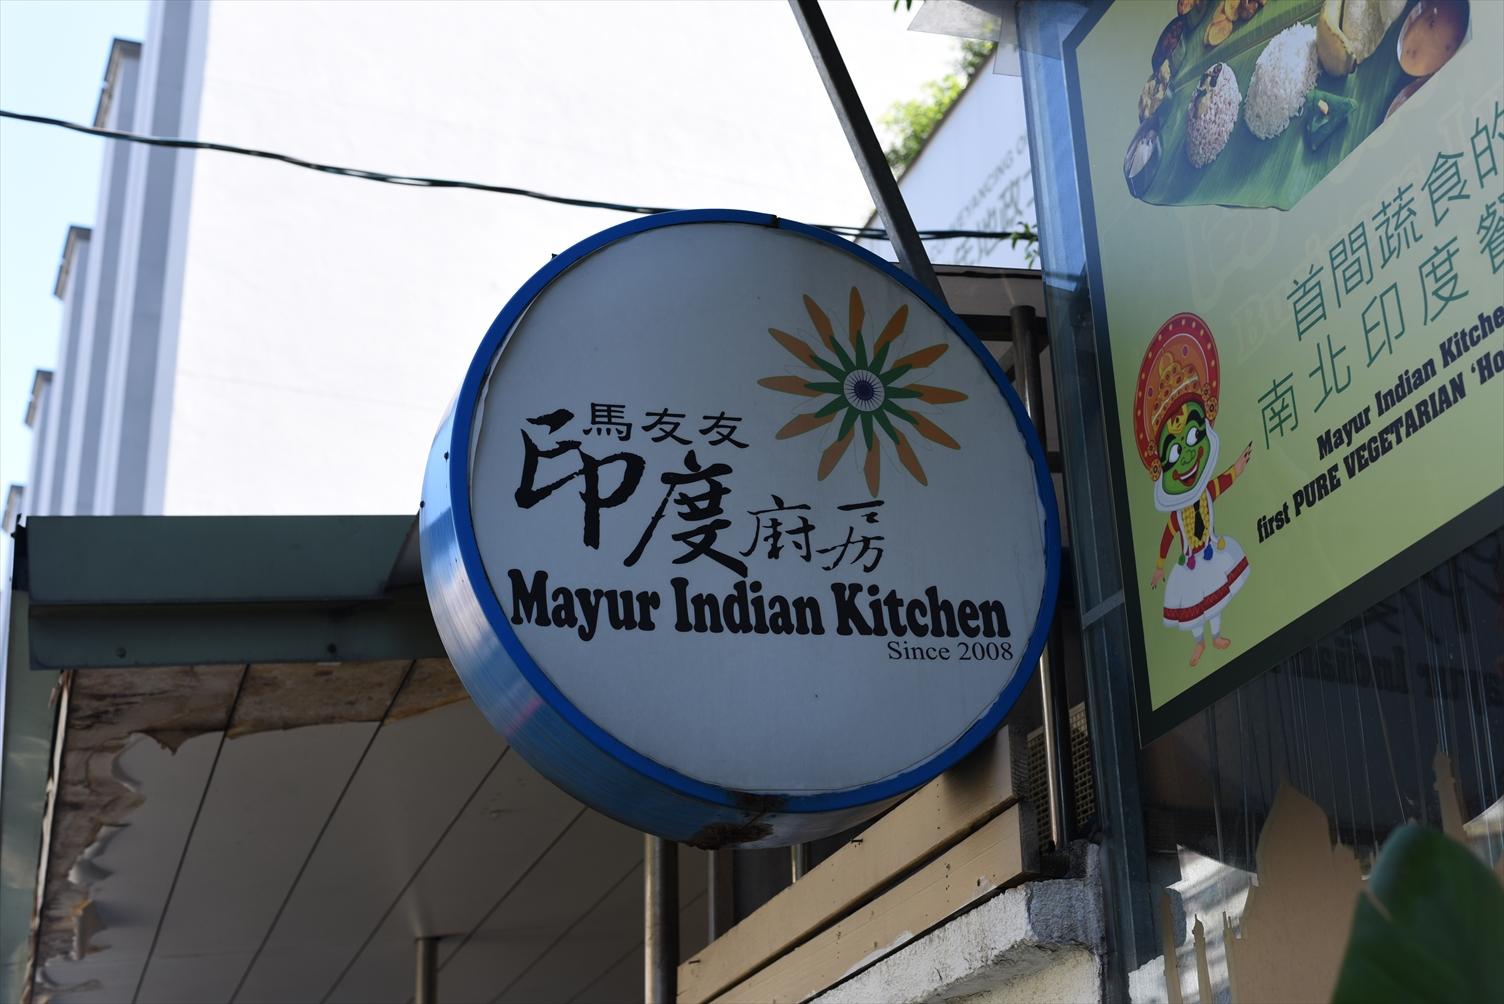 馬友友印度廚房 看板